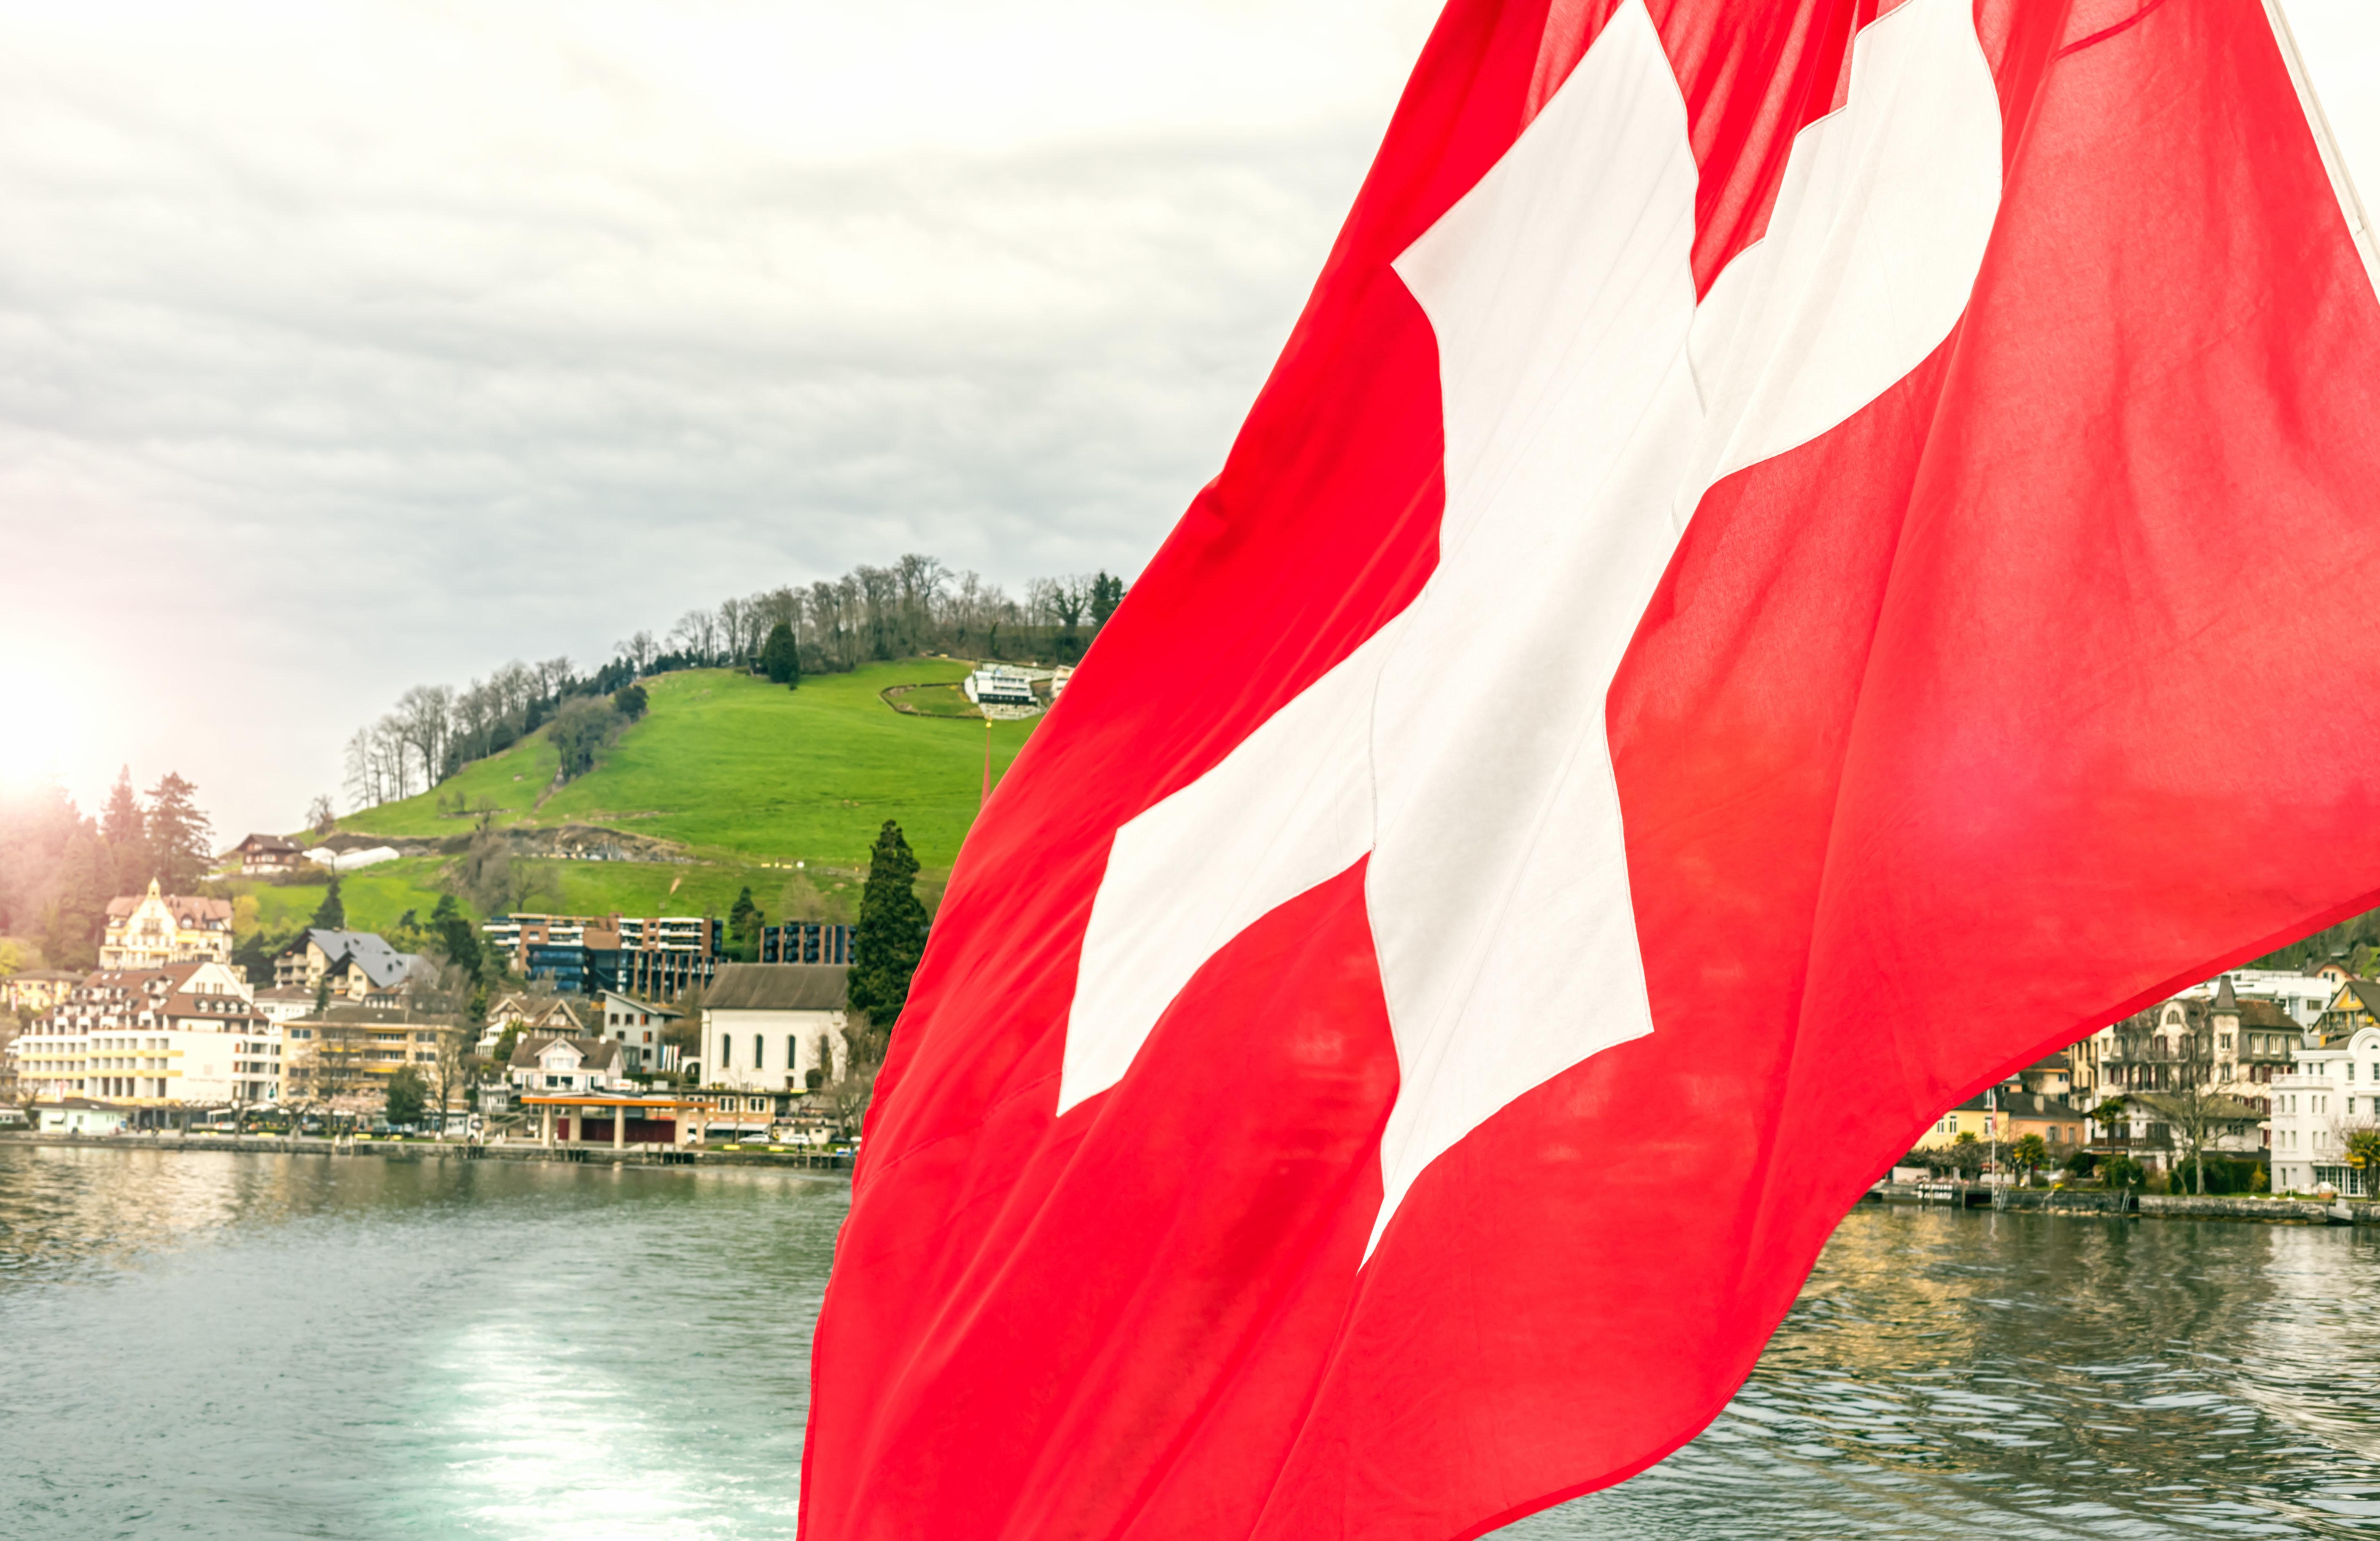 Ούτε η Ελβετία υπογράφει τη Συμφωνία του ΟΗΕ για την